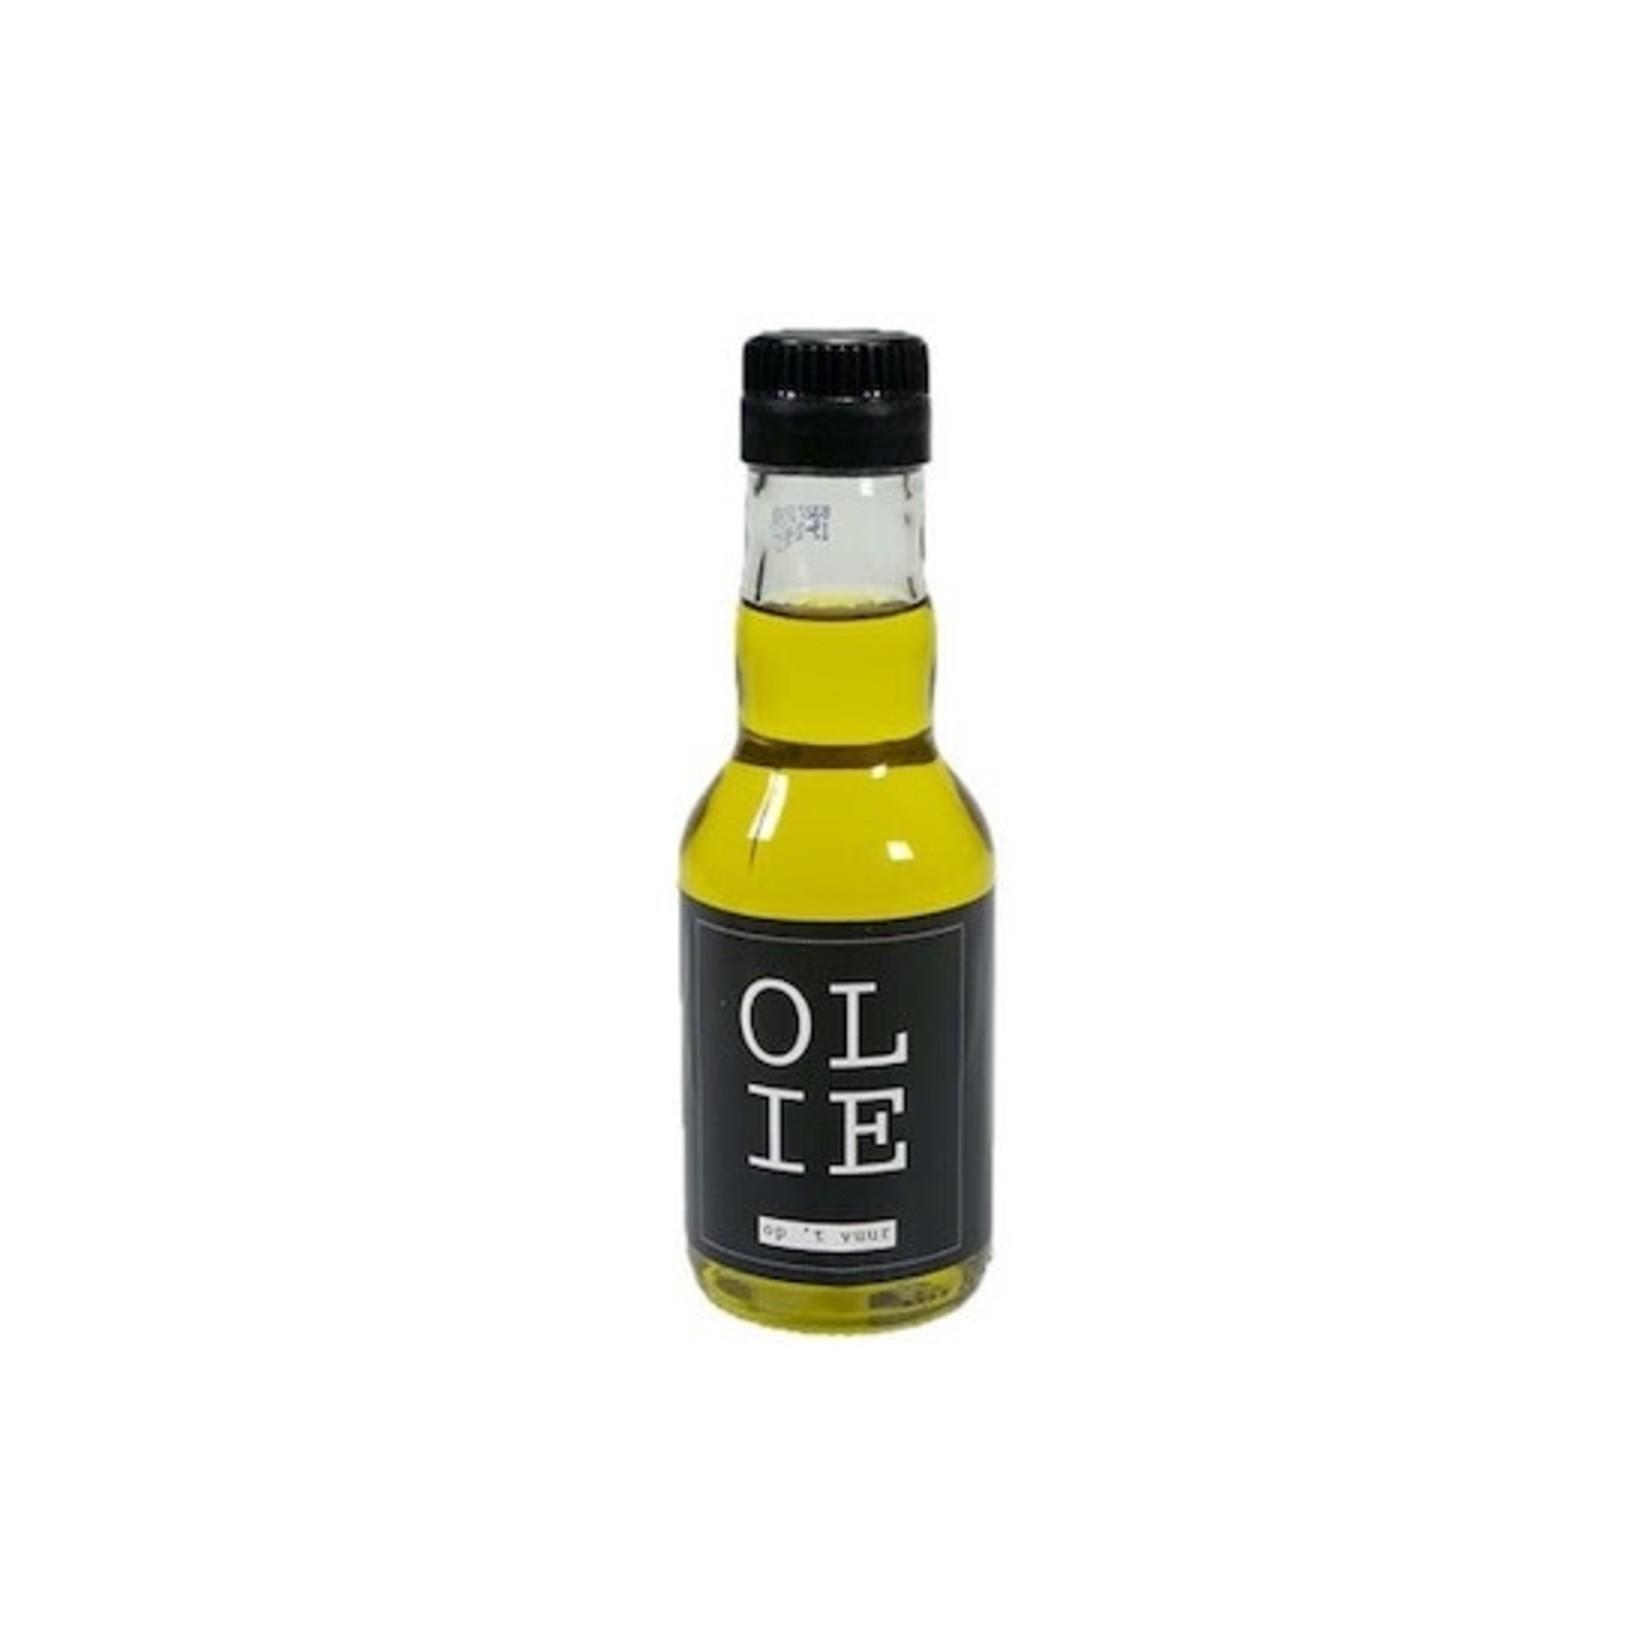 Flessenwerk Flessenwerk | Olie op 't vuur 145ml